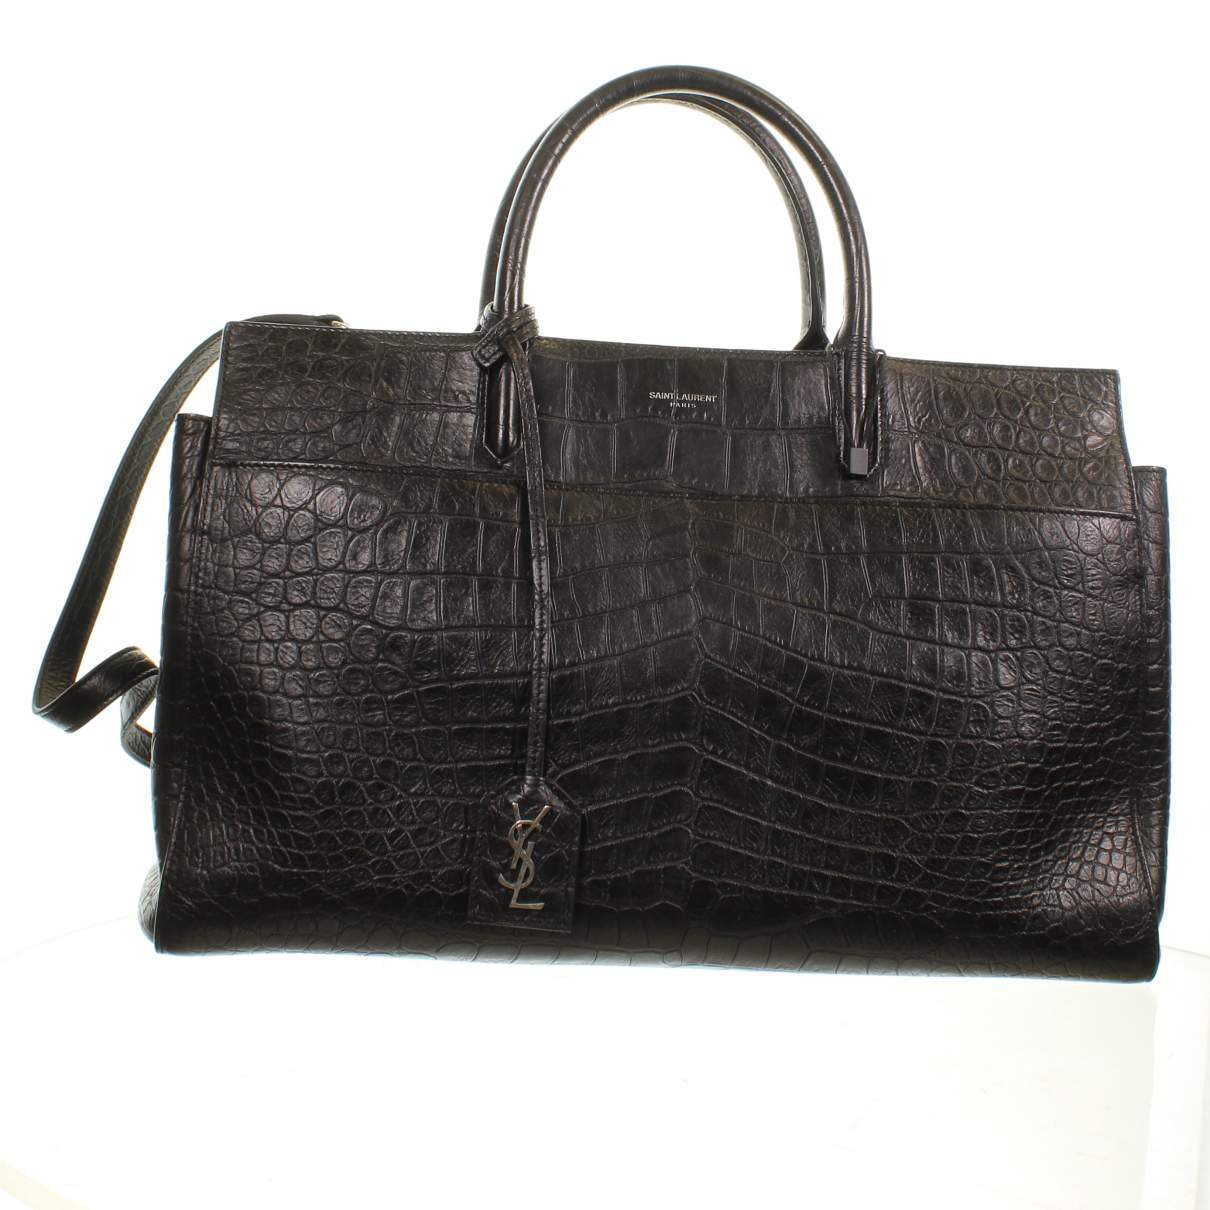 Saint Laurent Cabas Rive Gauche Black Leather handbag for Women N